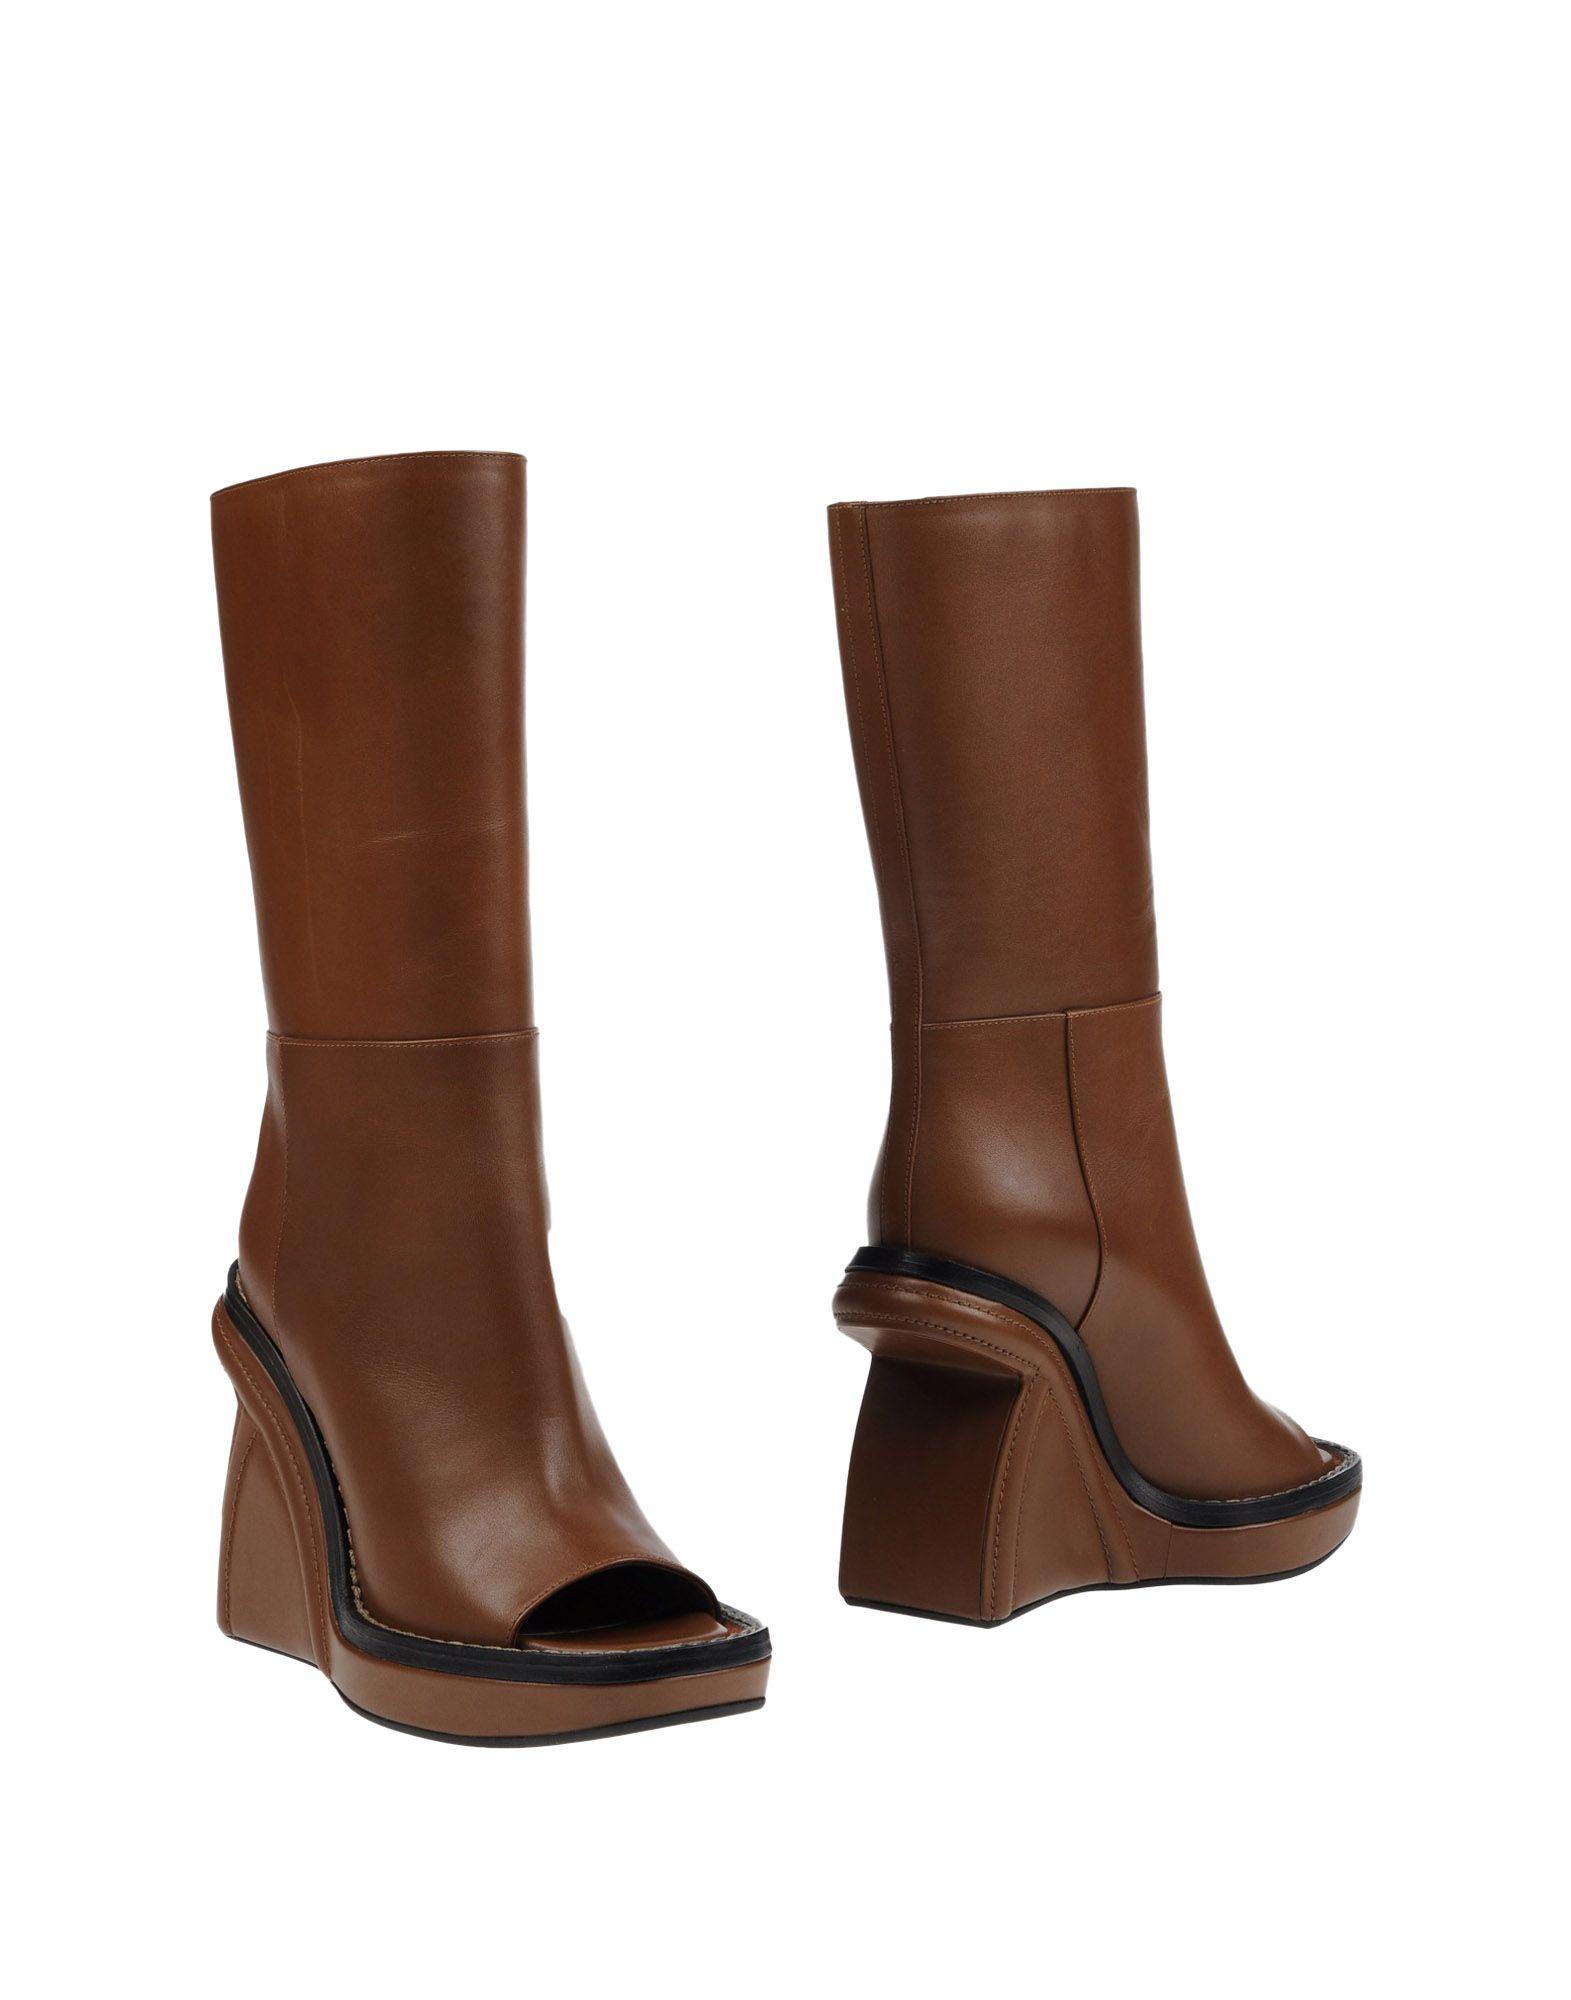 Marni Stiefelette Damen gut  11143974OFGünstige gut Damen aussehende Schuhe d6657c